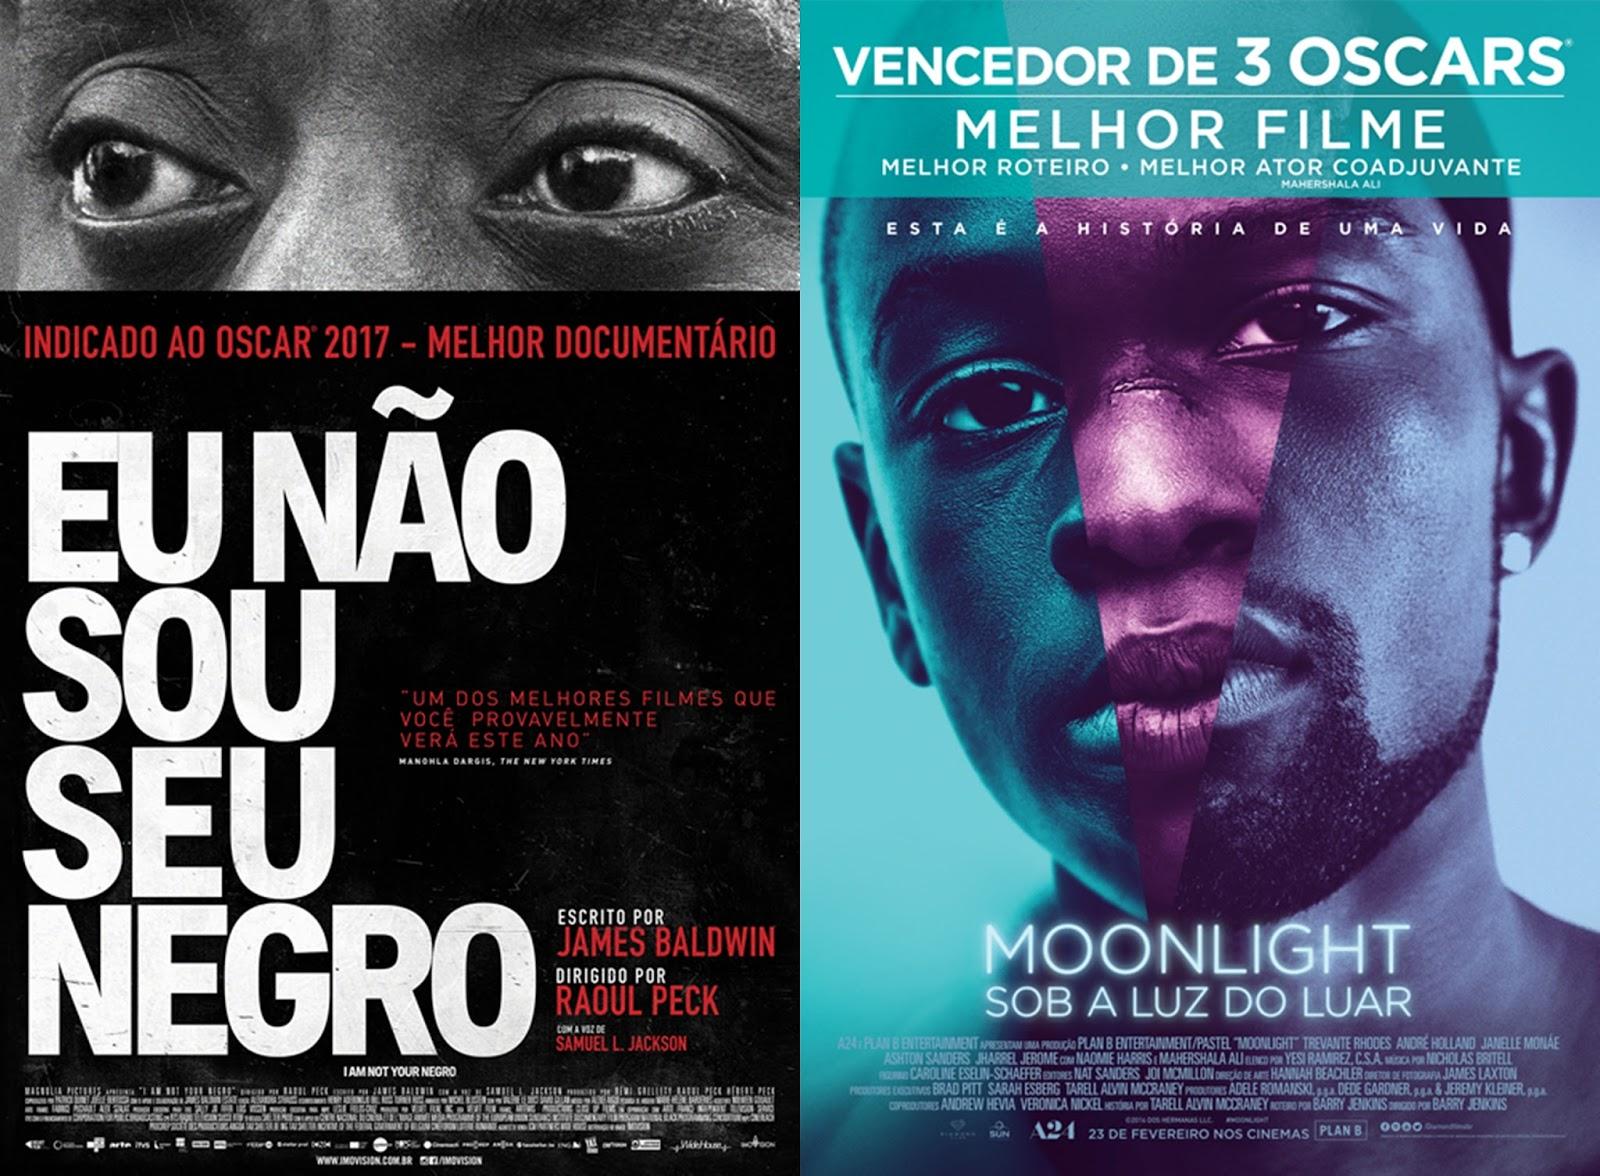 Circuito Sp Cine : Eu não sou seu negro e moonlight no circuito spcine olido cabeças